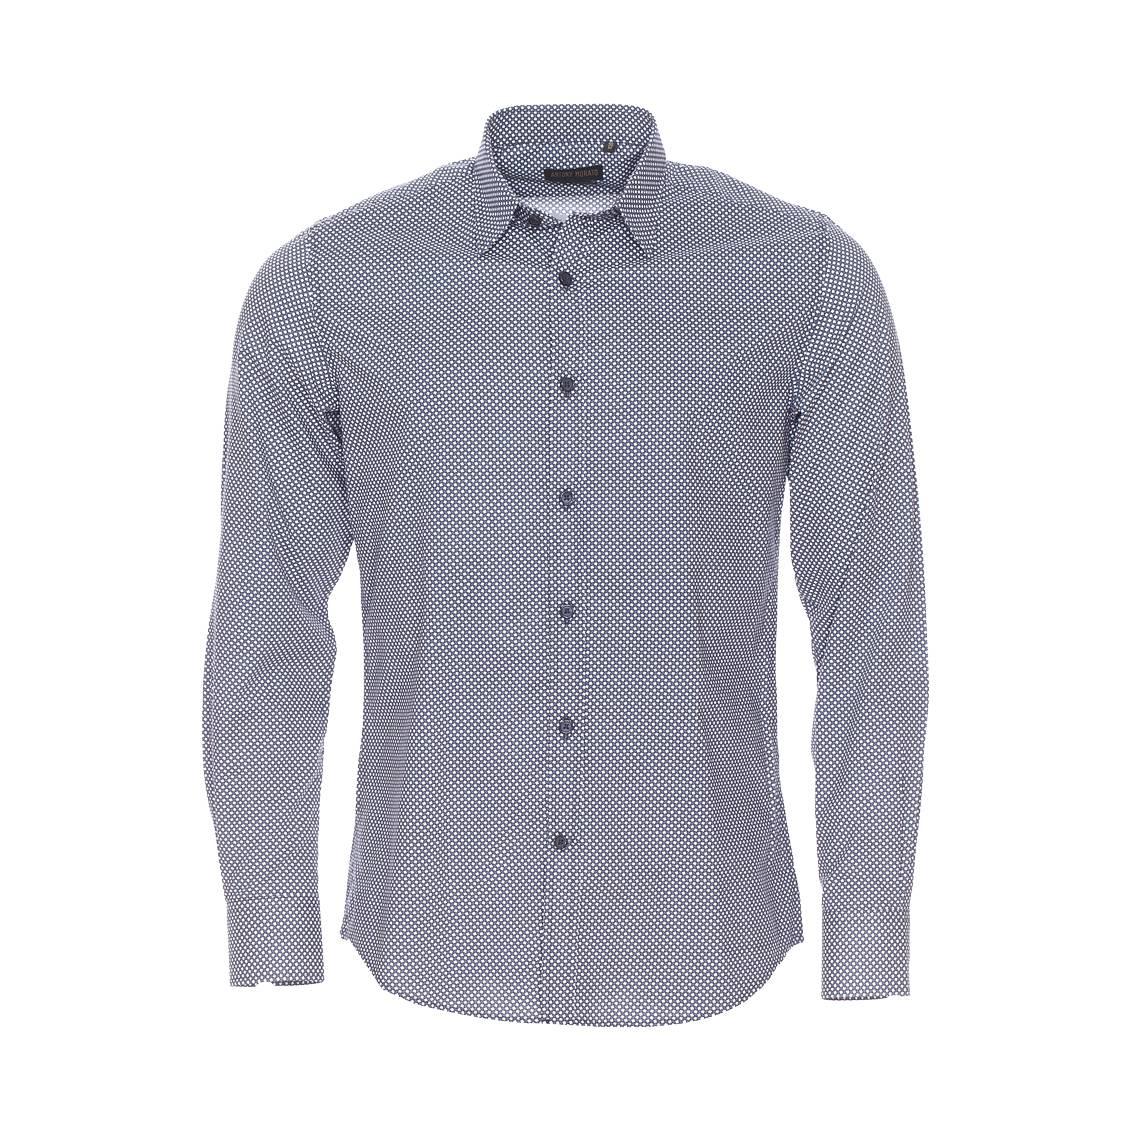 Chemise slim  en coton à petit motif mosaïque bleu-grisé et blanc